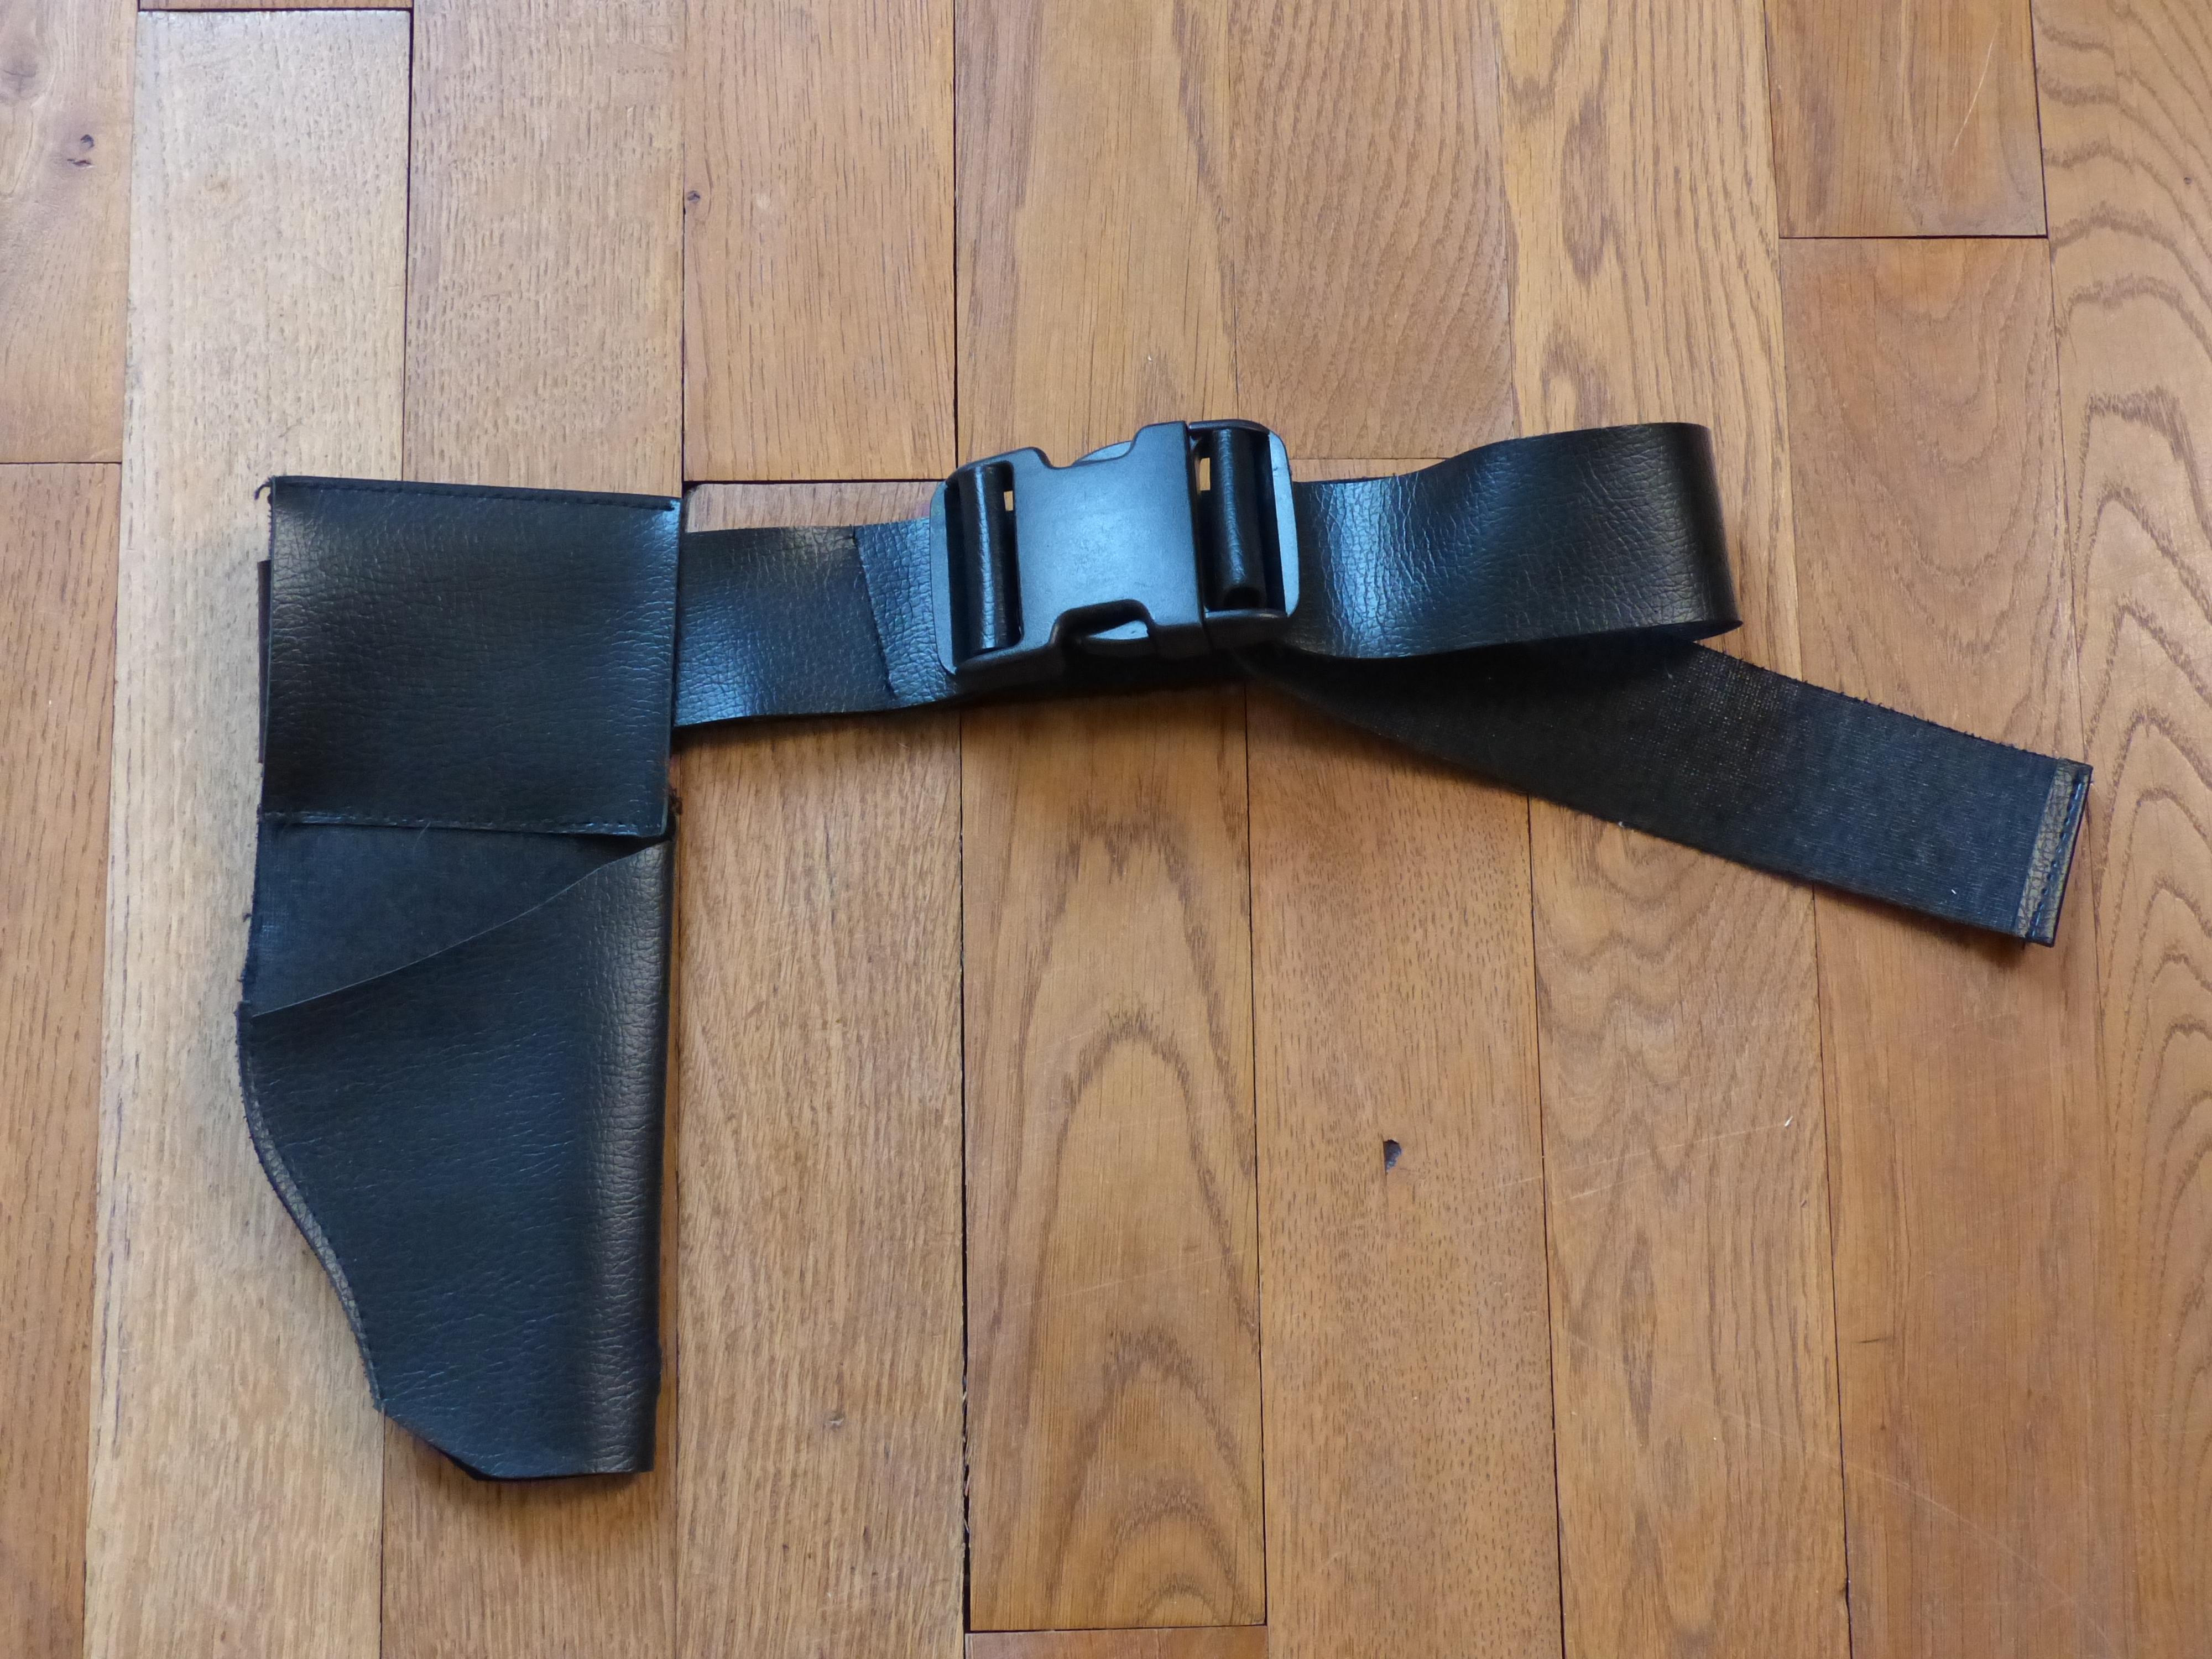 troc de troc ceinture de cow-boy image 0